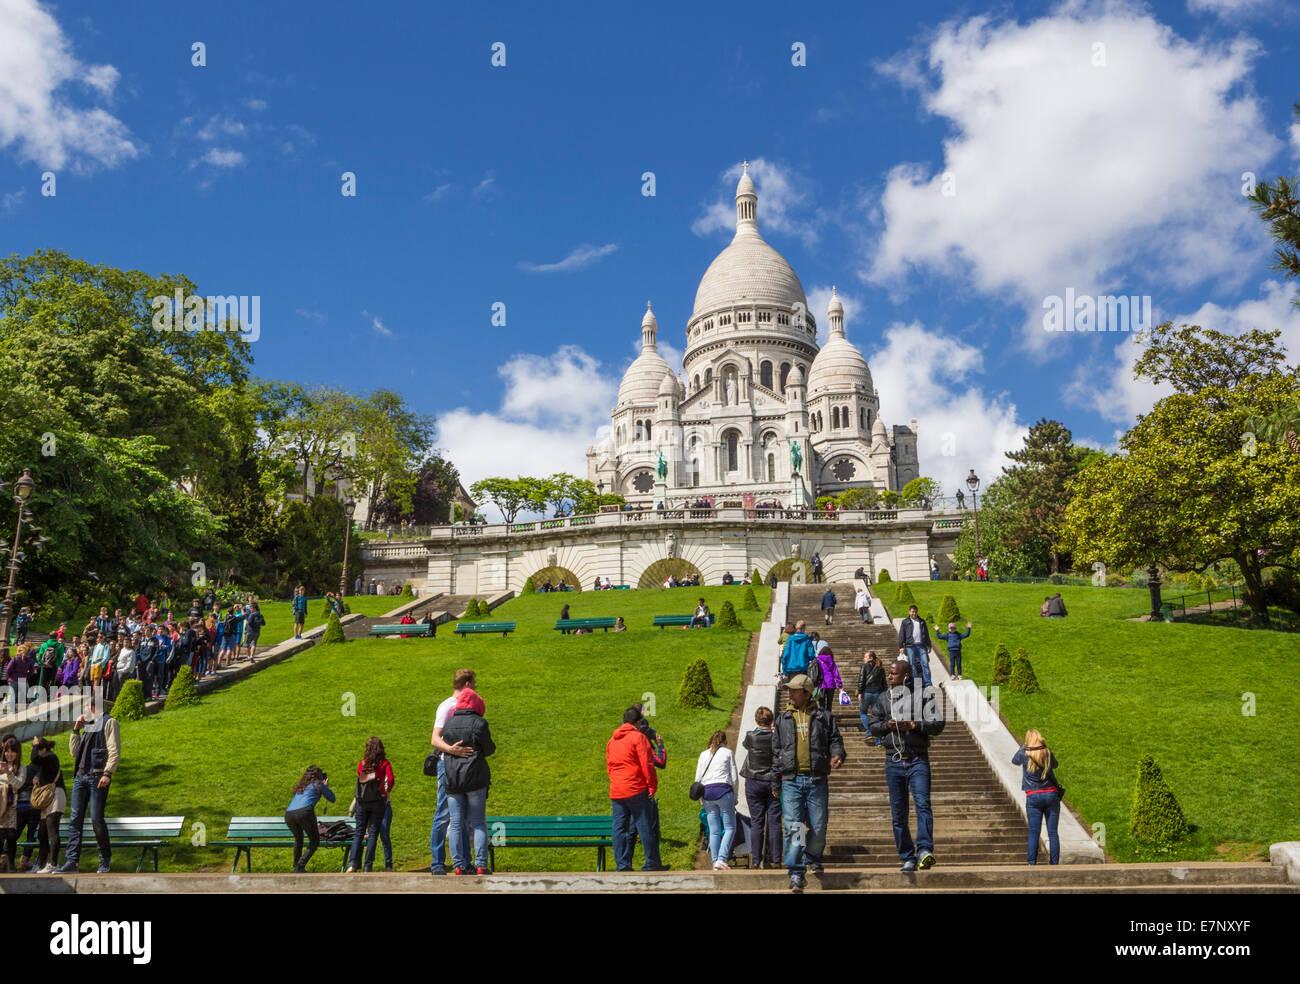 basilica church city france montmartre paris sacre